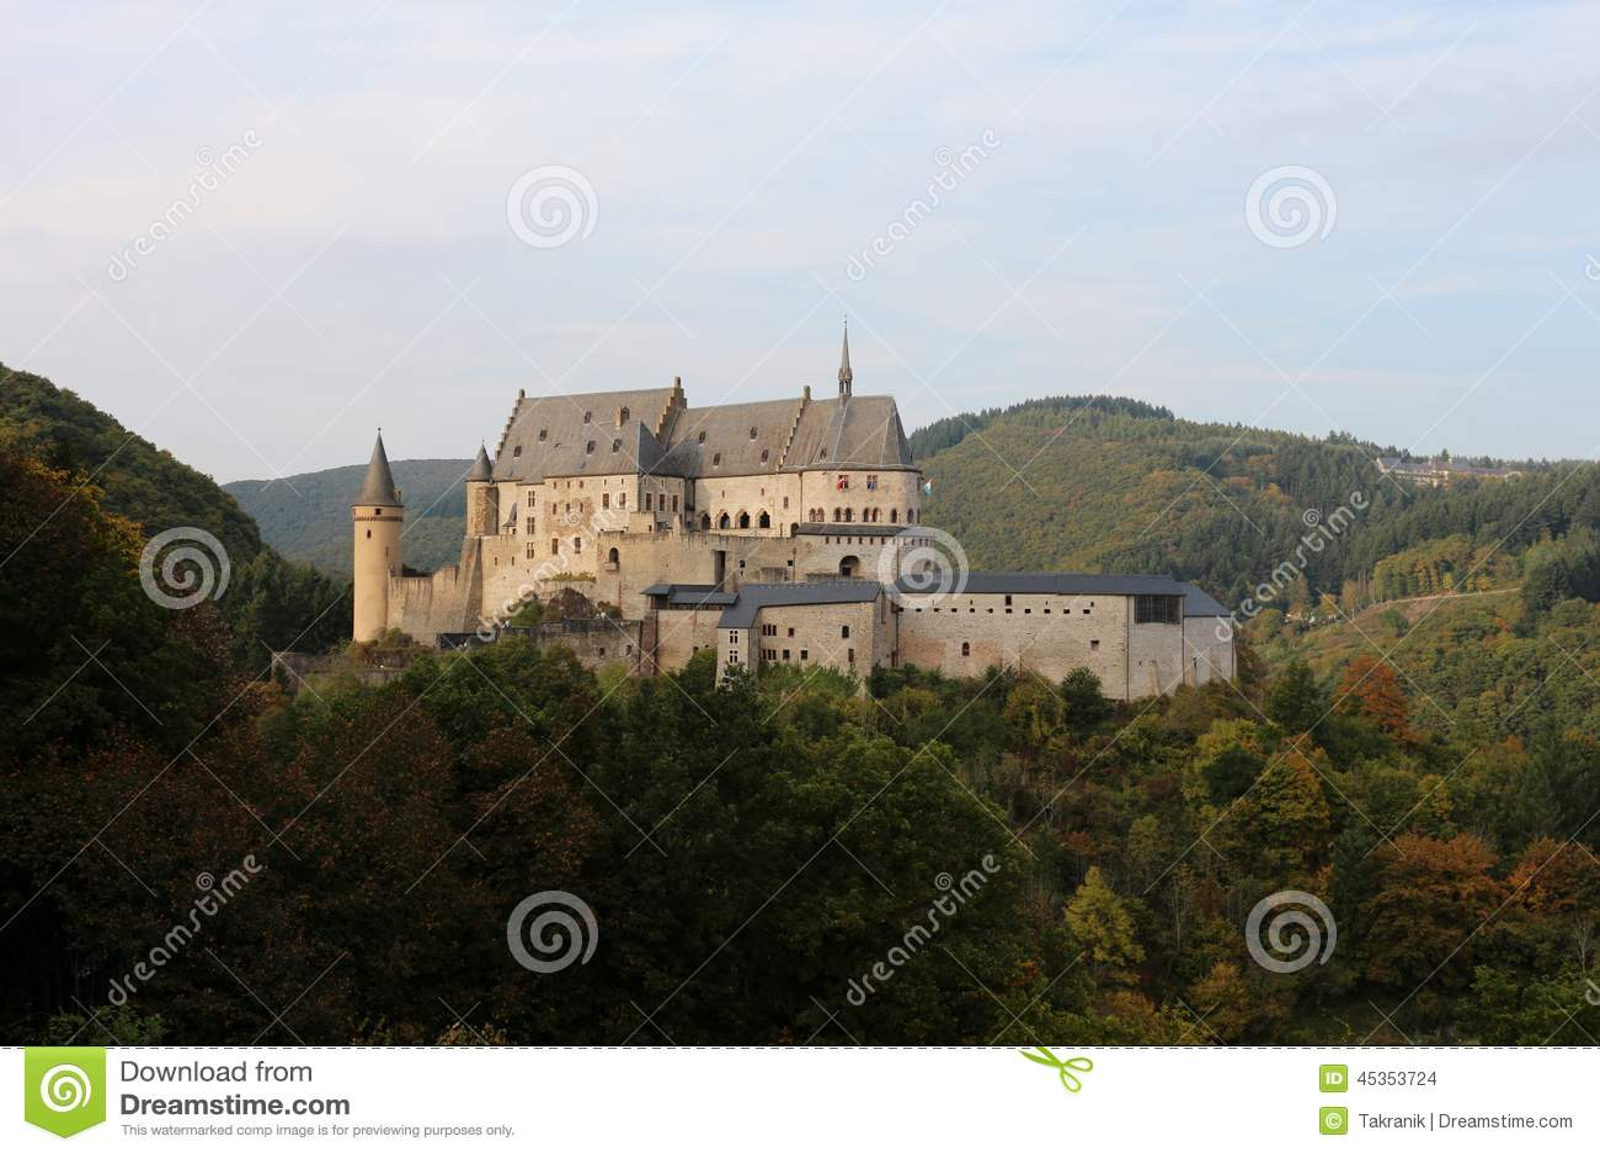 Château de Vianden, Luxembourg